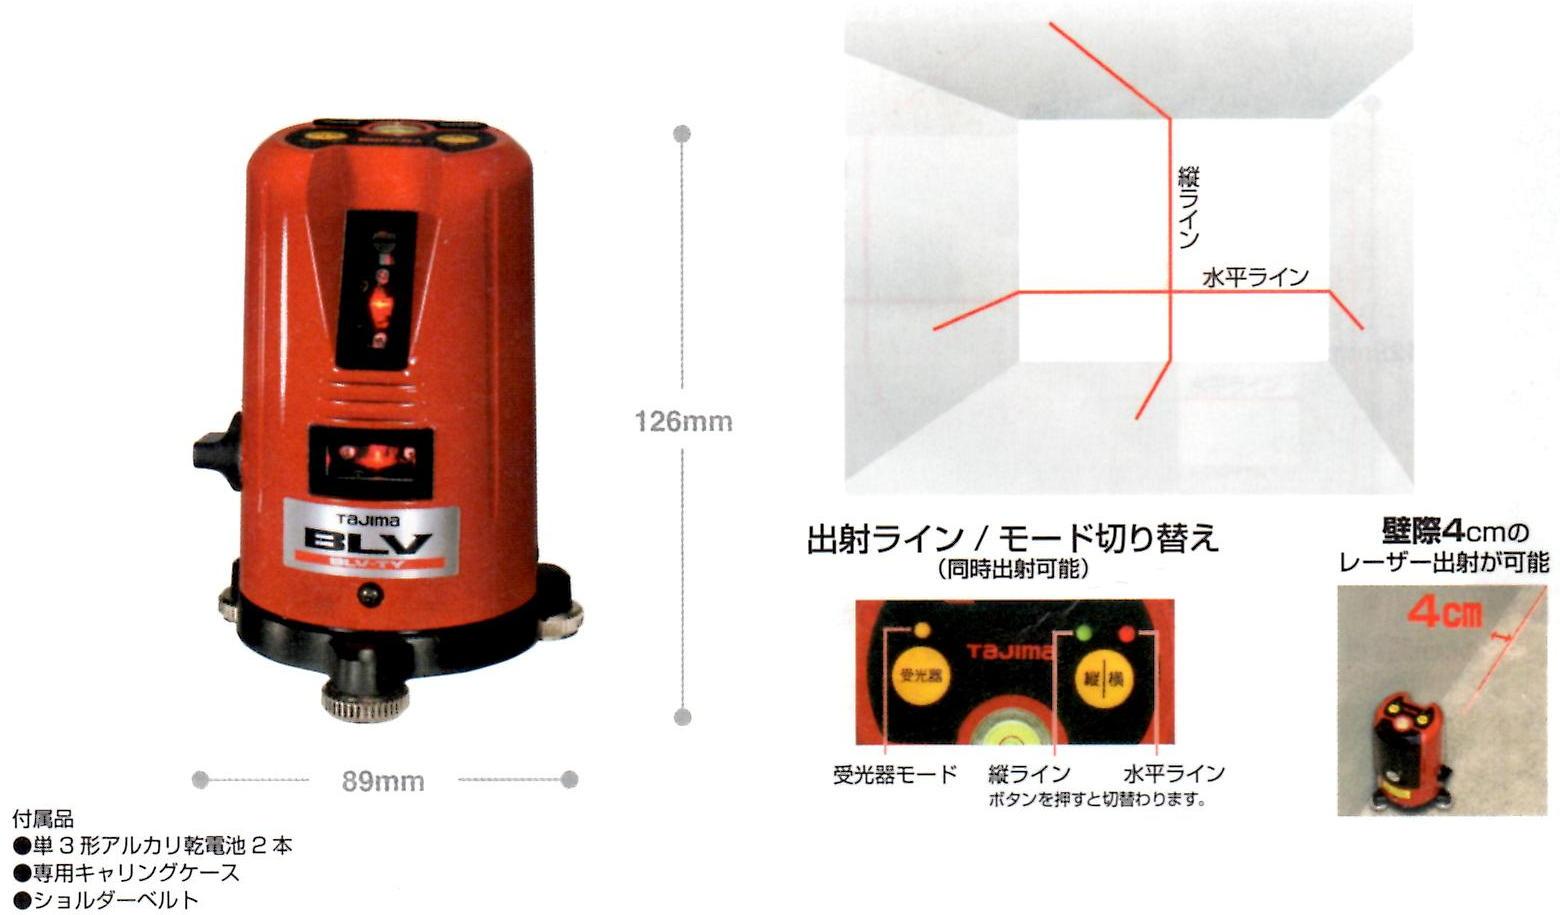 タジマ レーザー墨出し器 BLV-TY